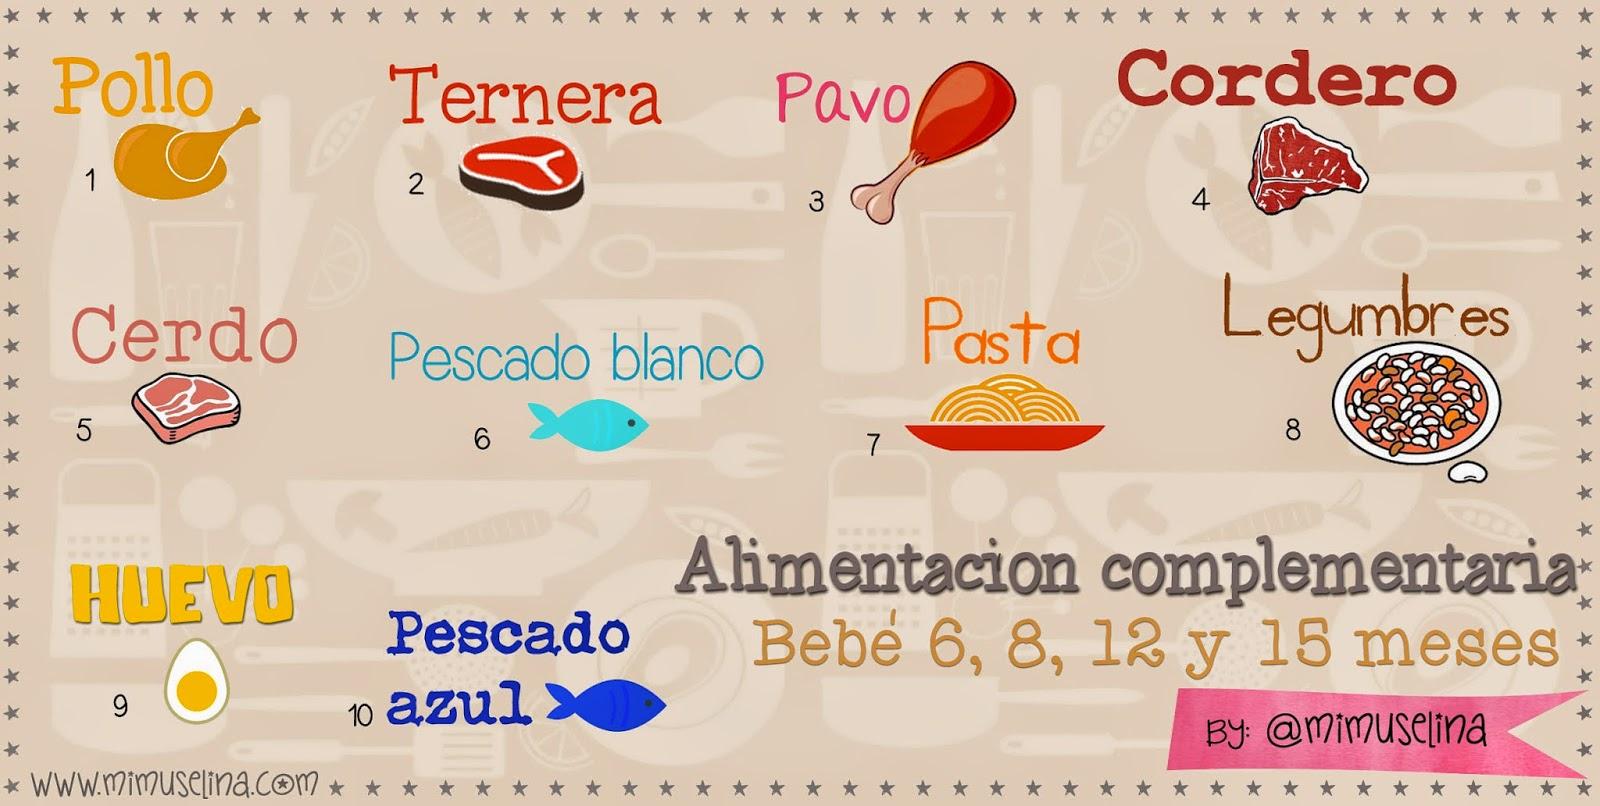 Introducción carne, pescado, huevo, legumbres...a tu bebé. BebeBlog by @mimuselina